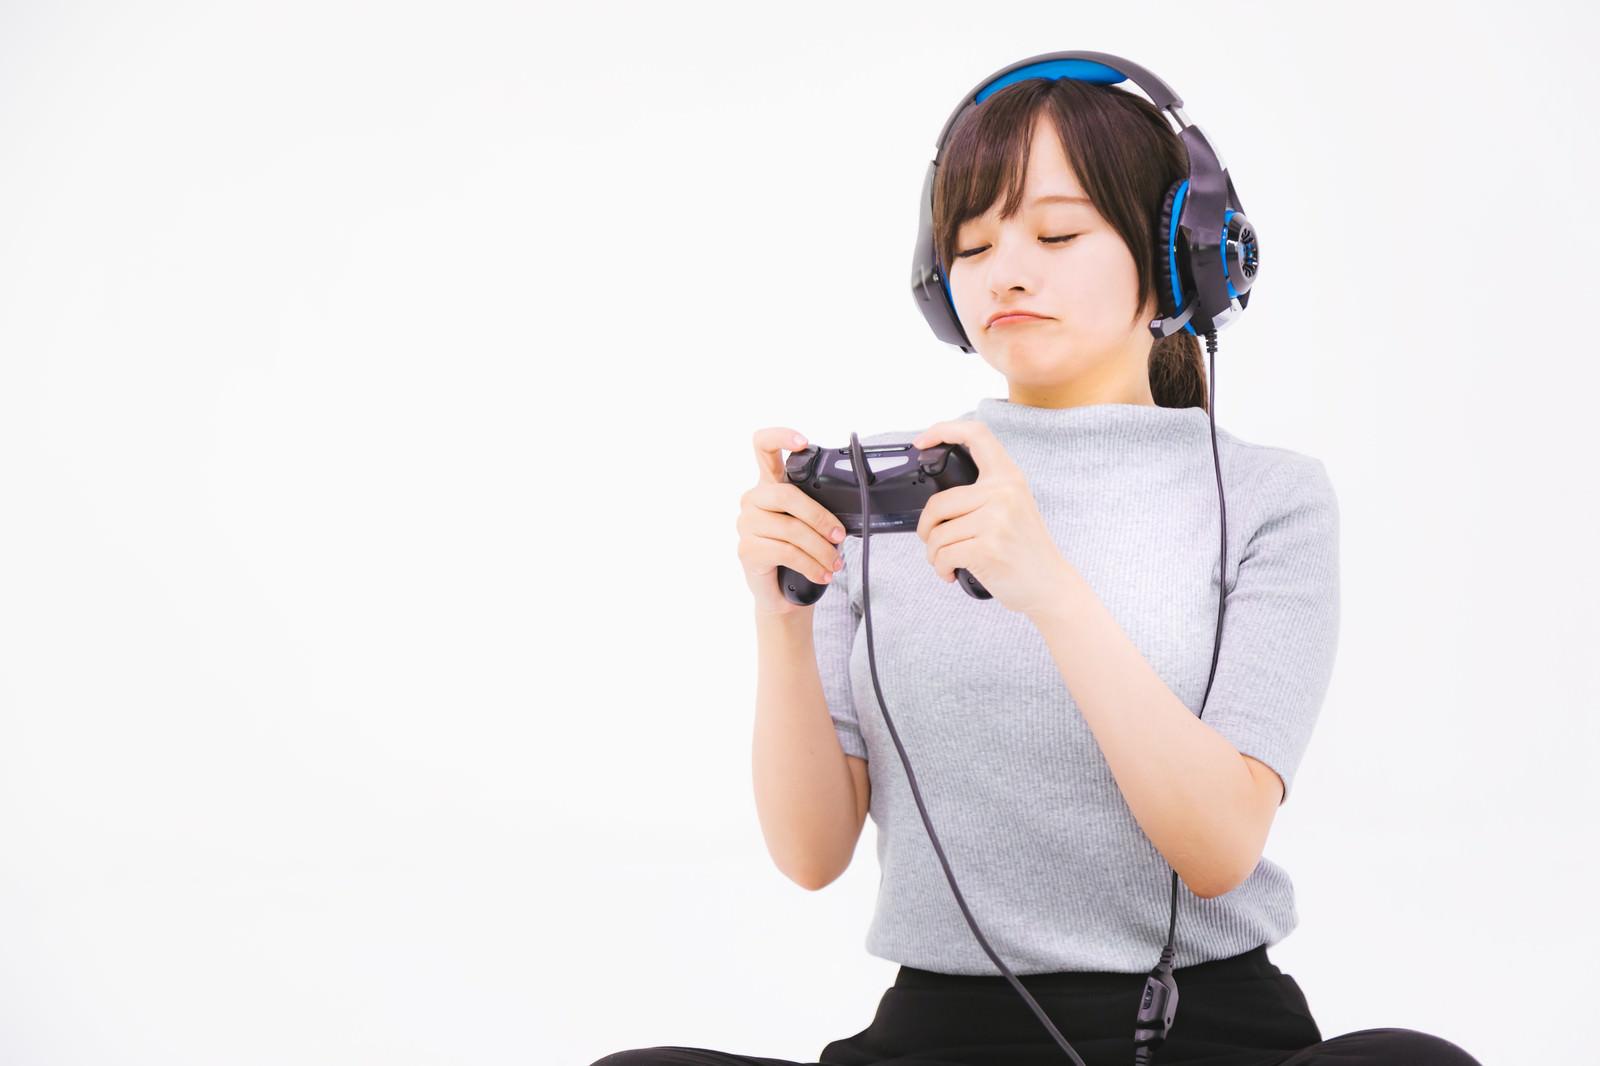 「コントローラーでゲームするのが苦手女子」の写真[モデル:千歳]